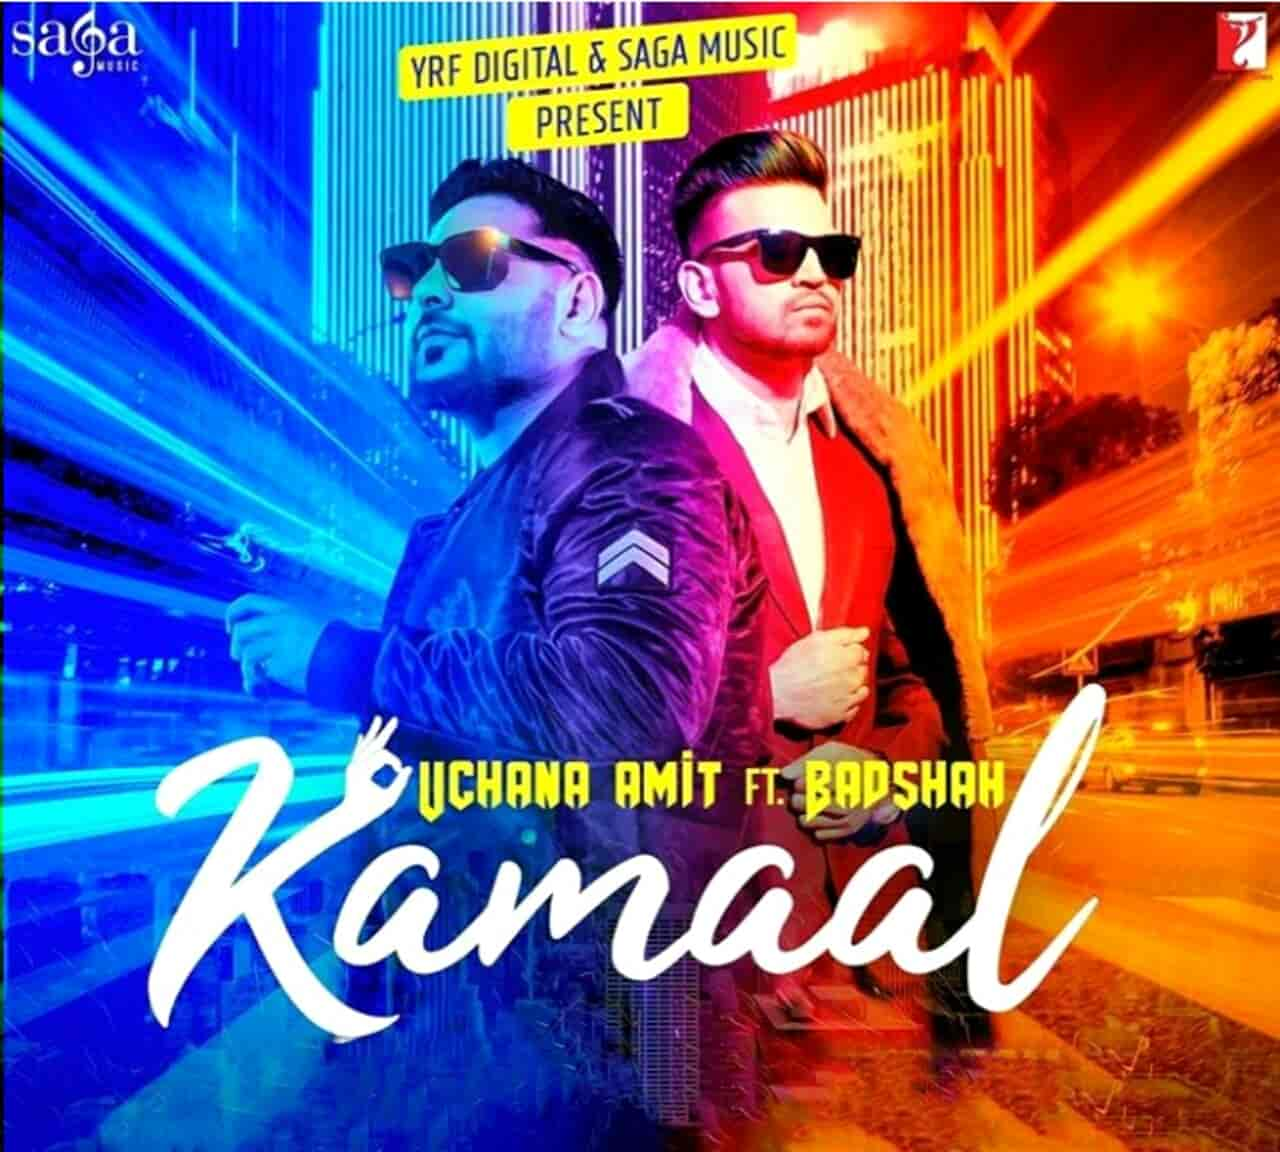 Kamaal Rap Song Images Badshah and Uchana Amit